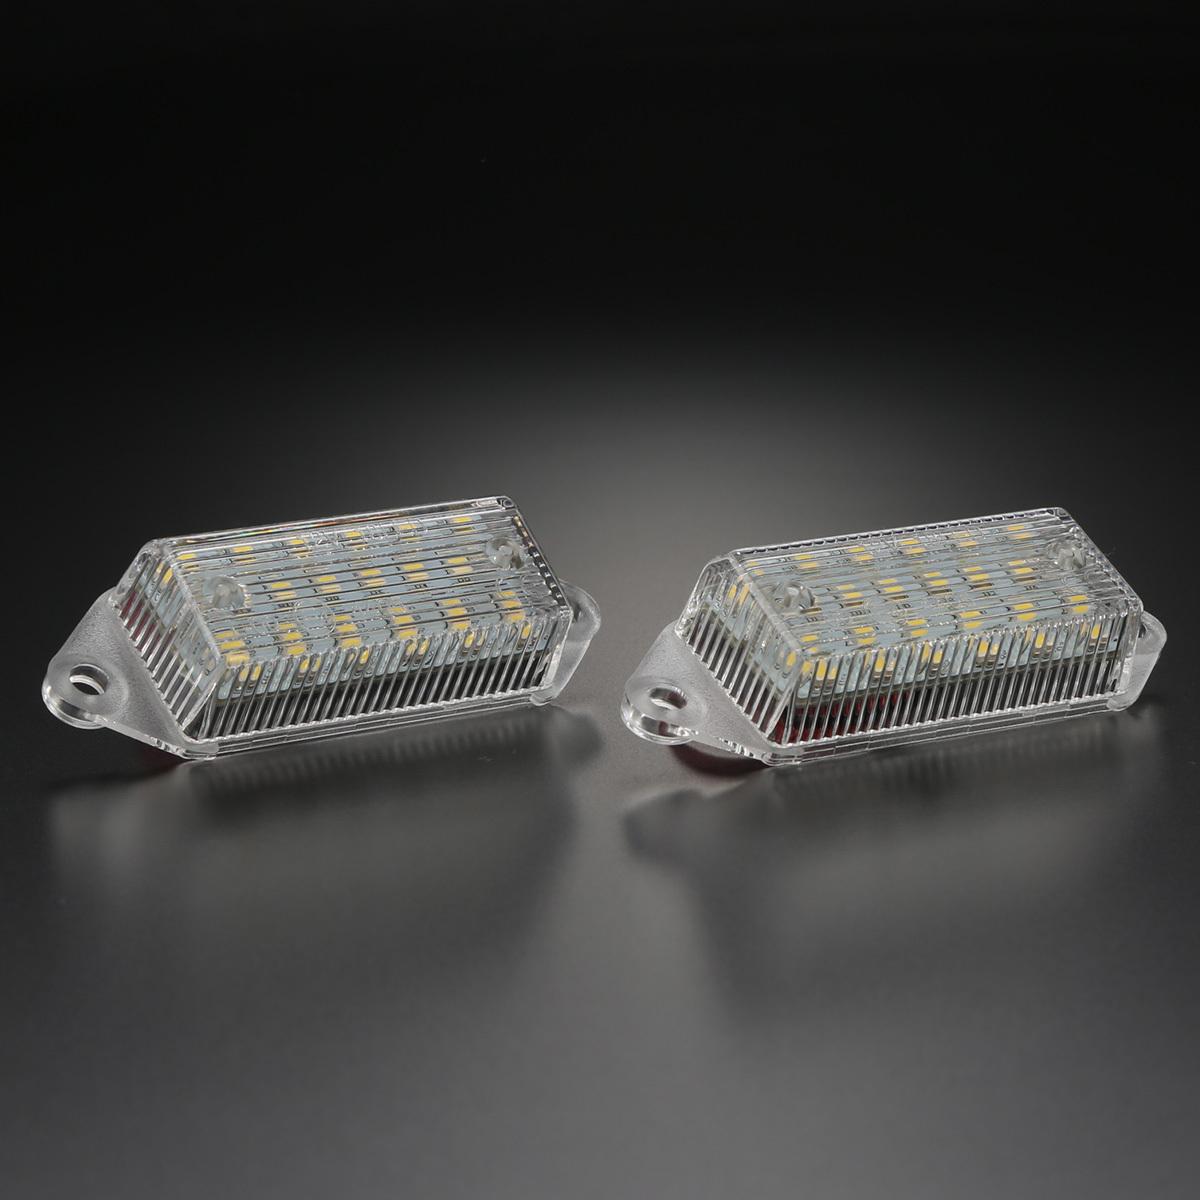 ランサーエボリューション10 CZ4A CY系 ギャラン フォルティス LED ライセンスランプ ナンバー灯 6000K ホワイト ランエボⅩ R-463_画像5